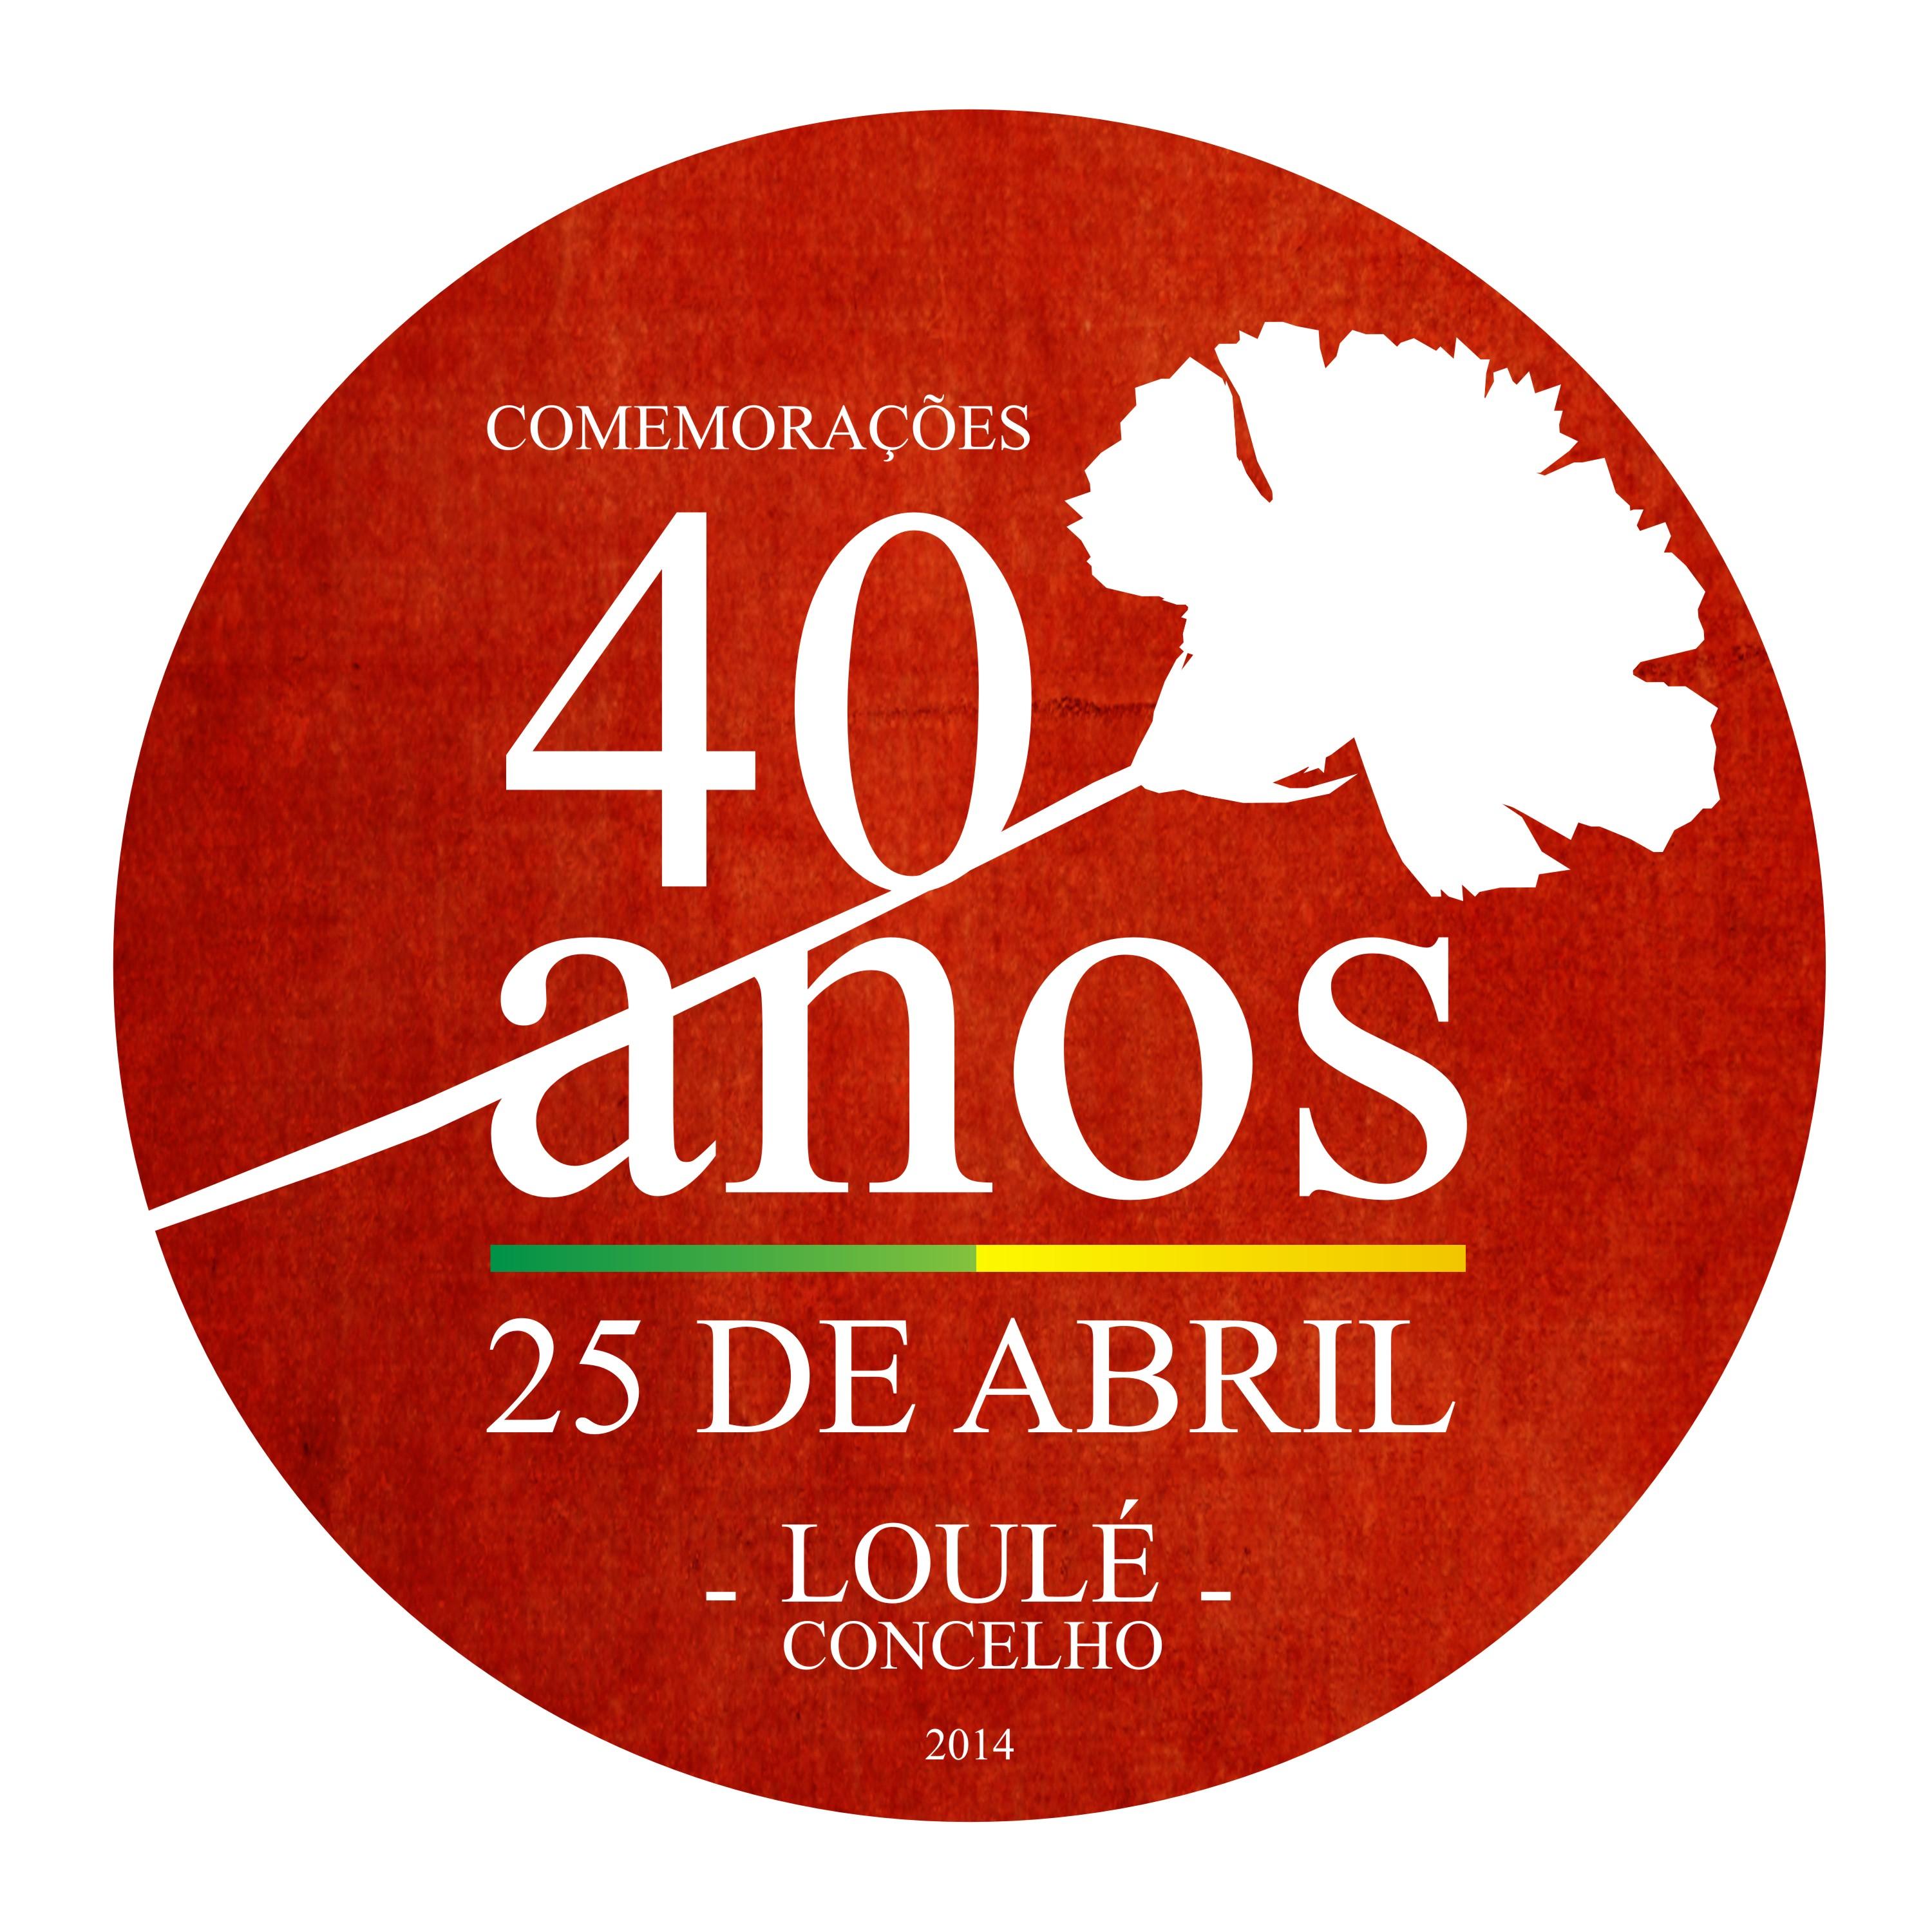 Logotipo das Comemorações dos 40 anos do 25 de abril em Loulé